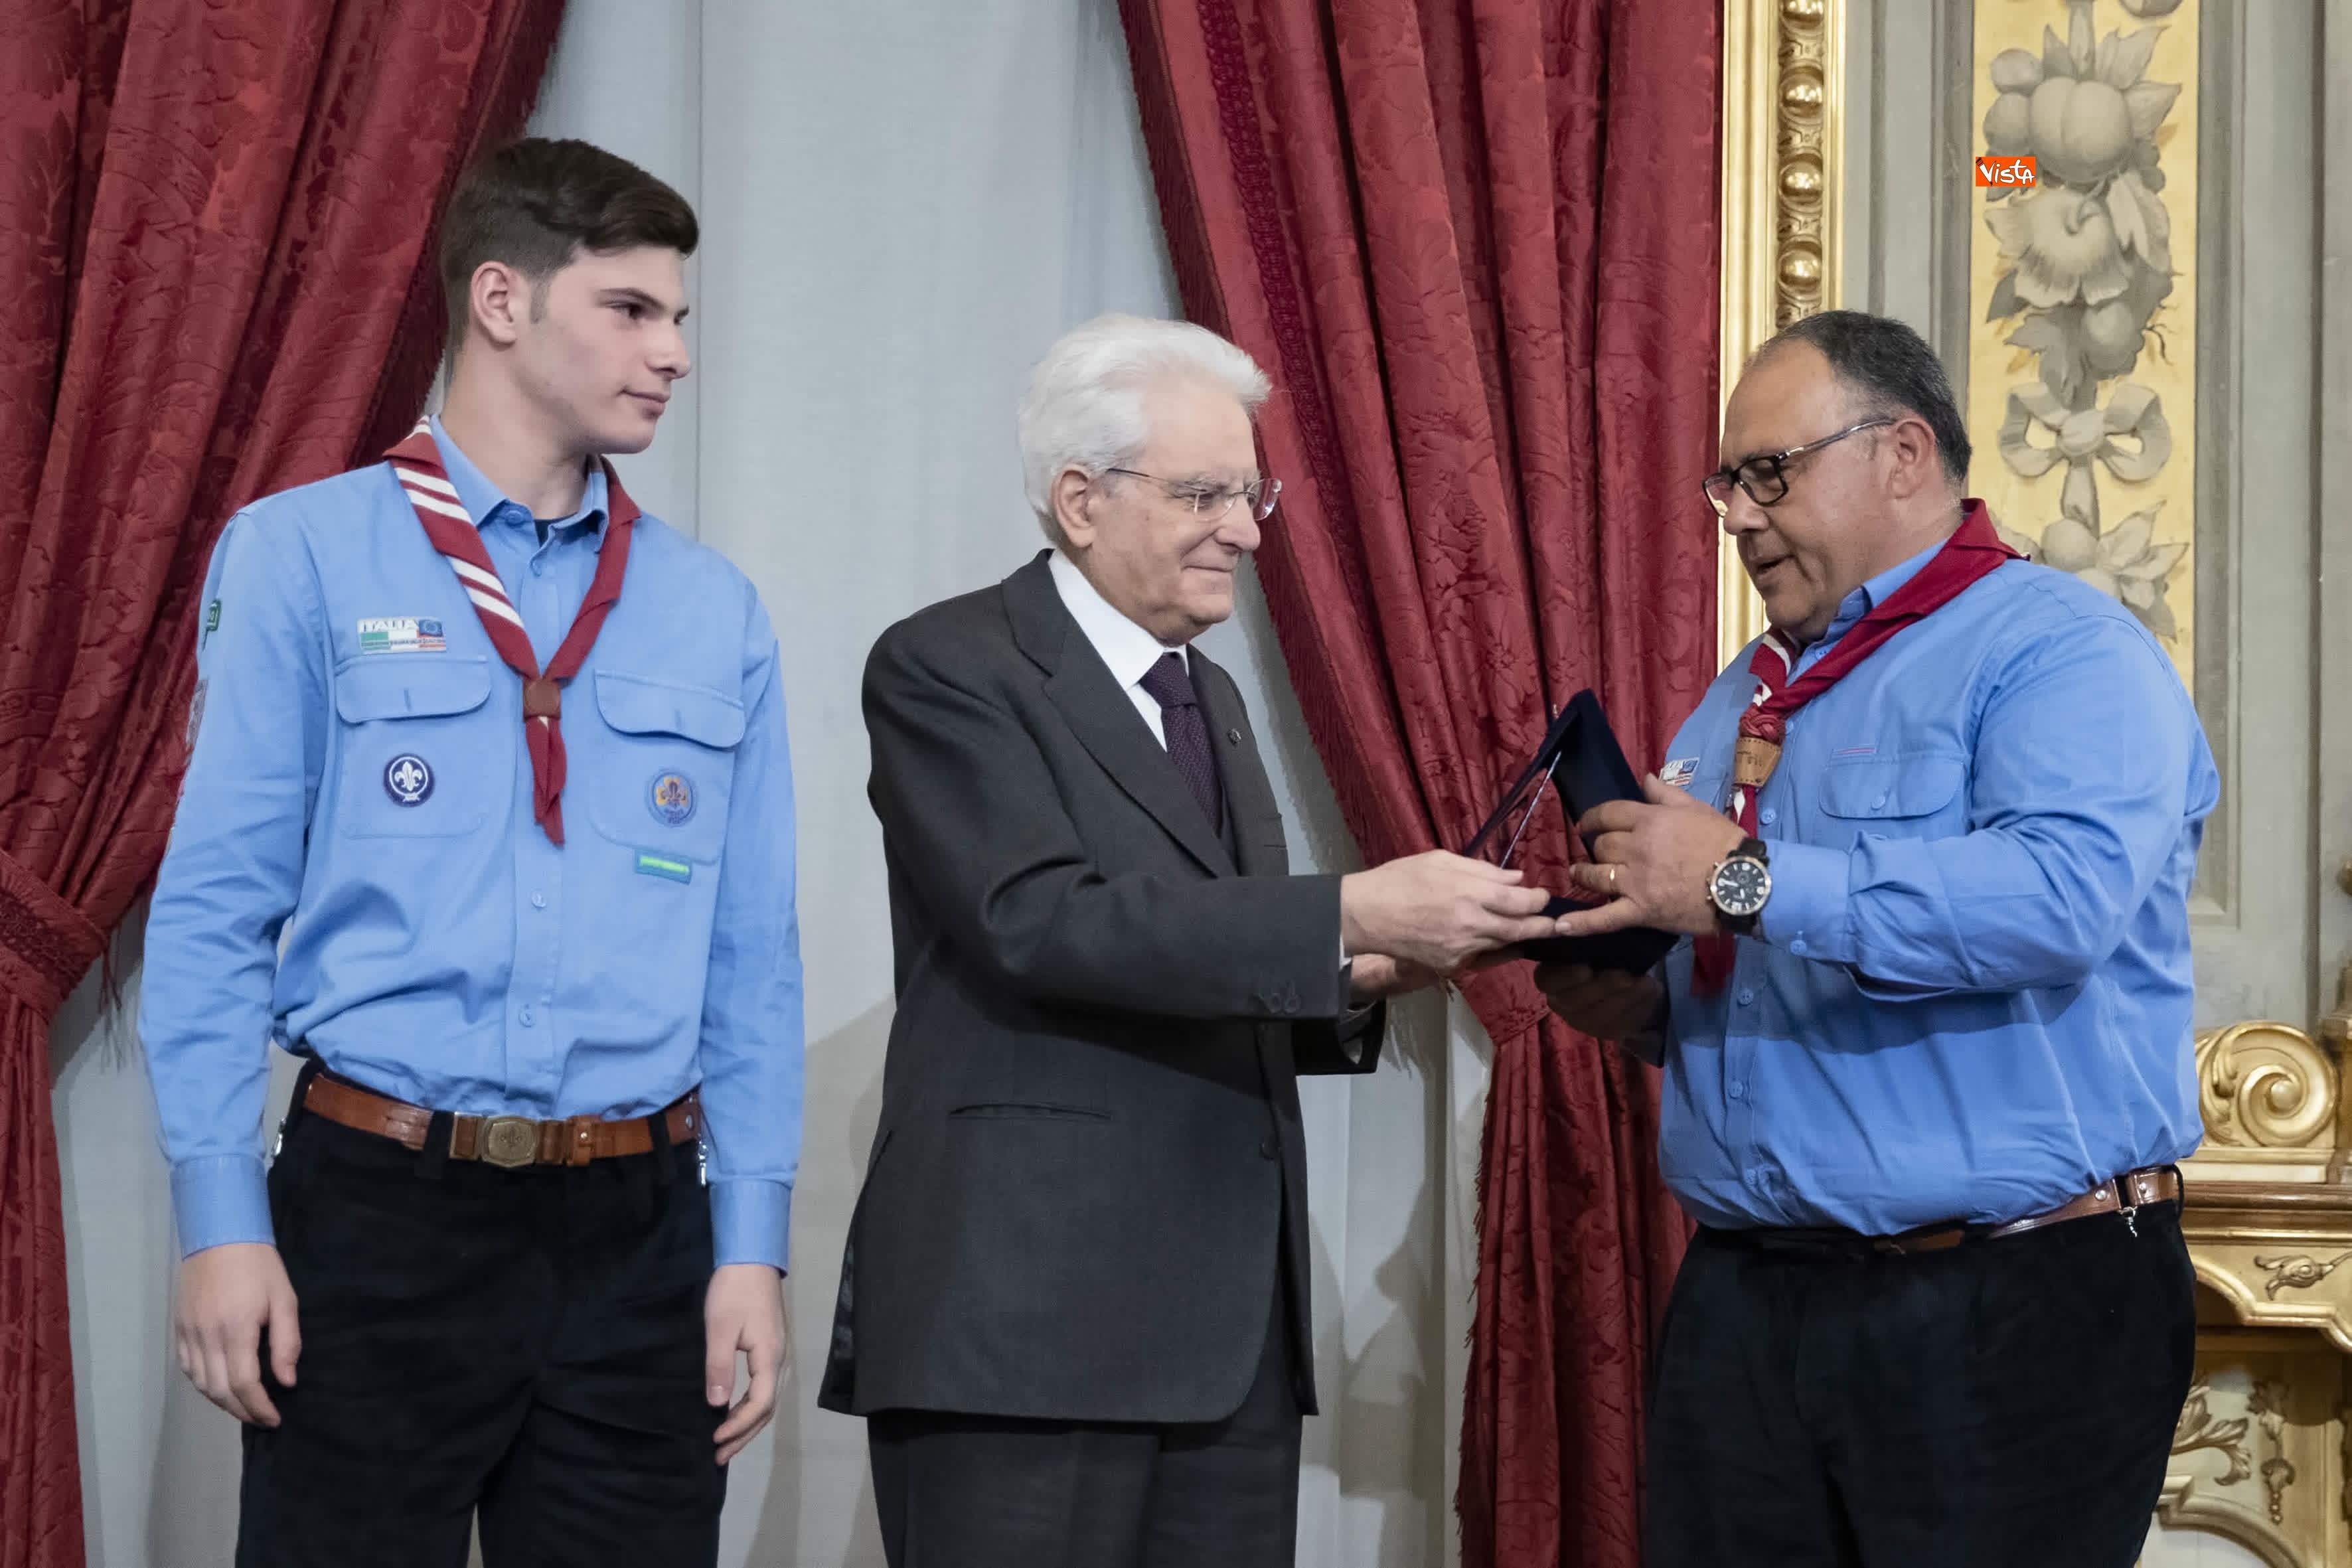 13-03-19 Mattarella consegna gli Attestati d Onore ai nuovi Alfieri della Repubblica, le immagini_24